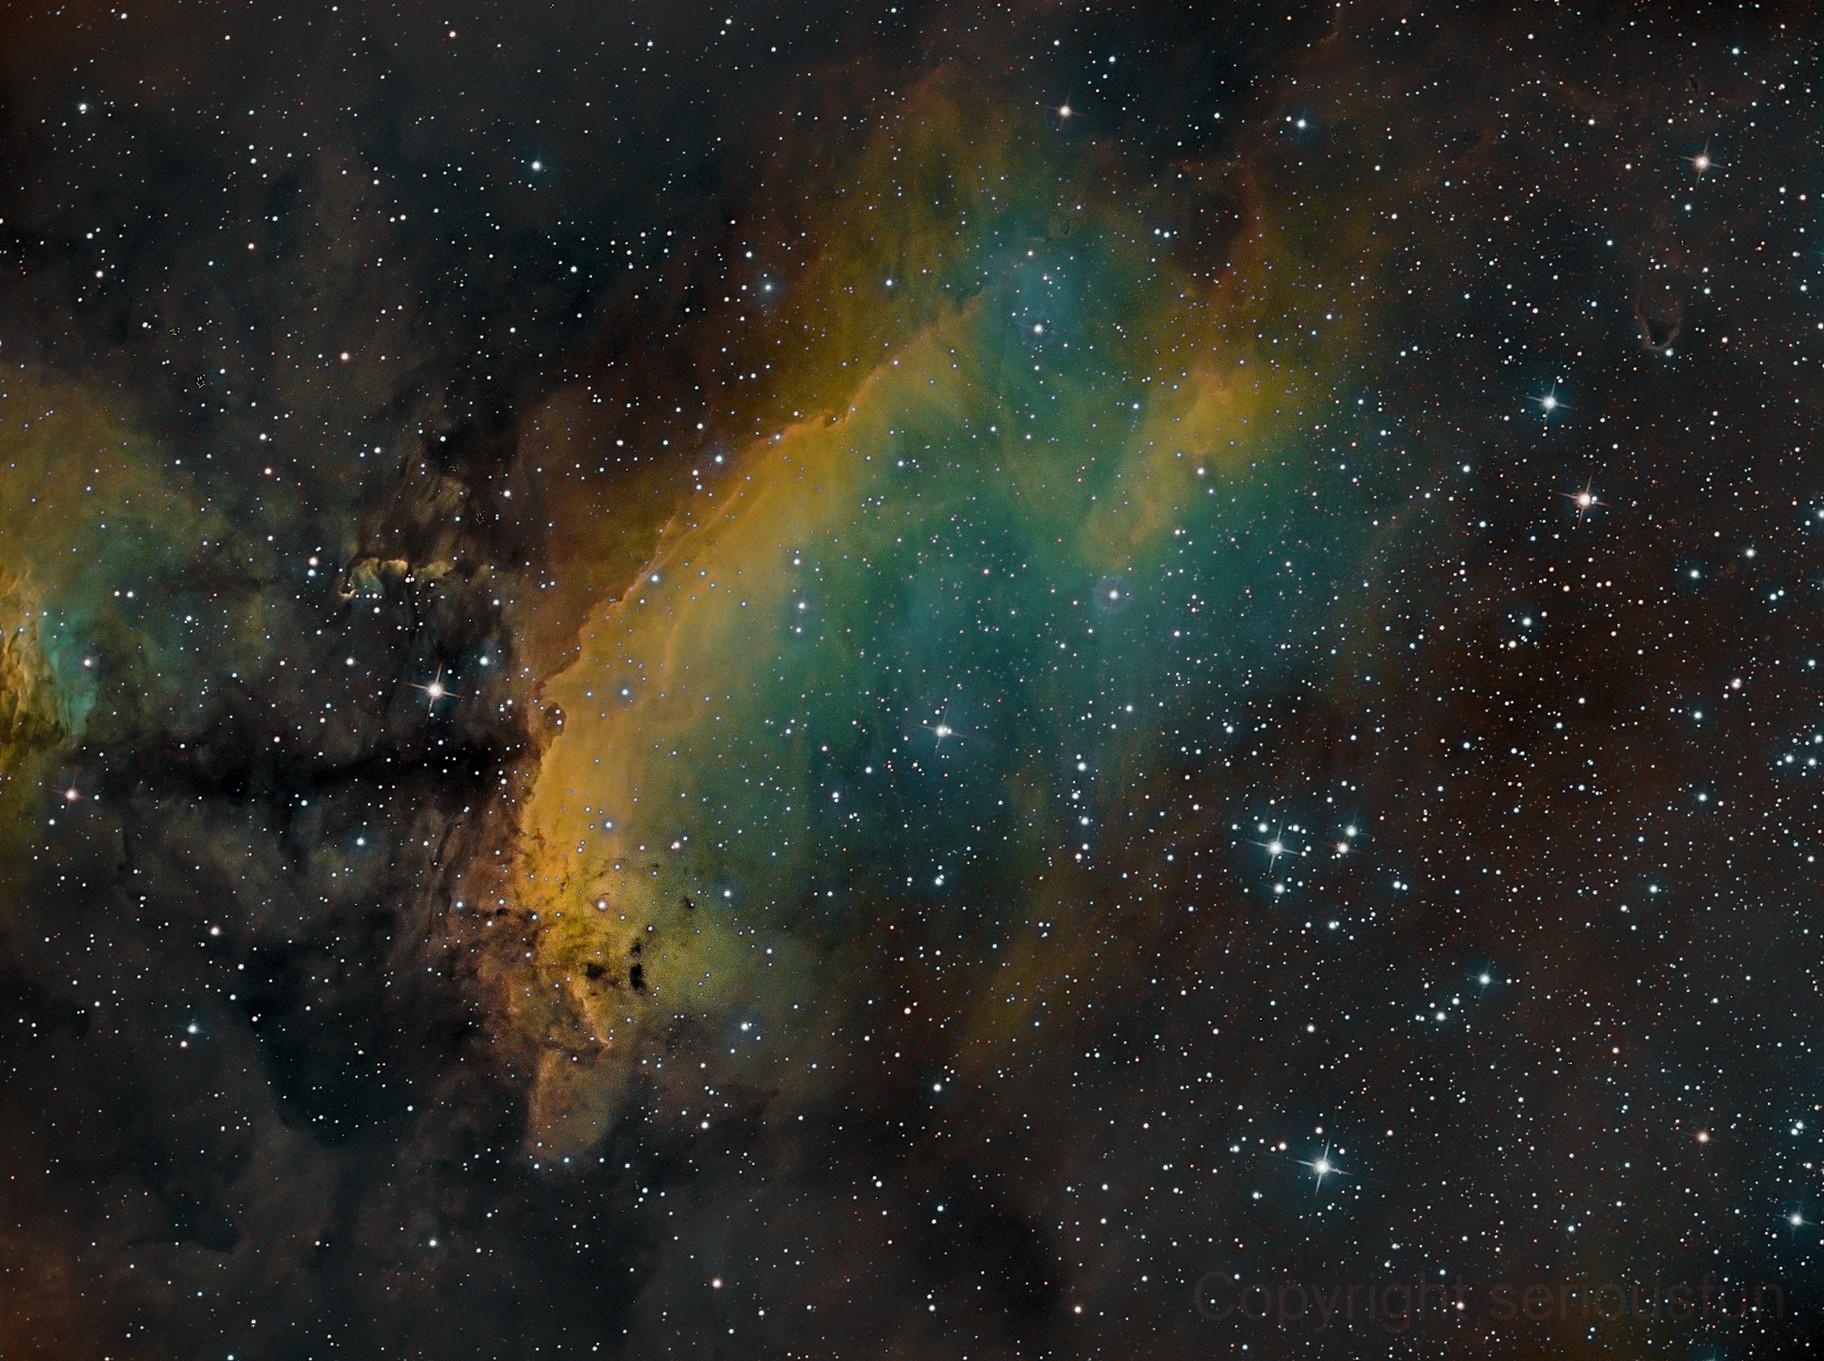 IC 4628 - The Prawn Nebula in Narrow Band